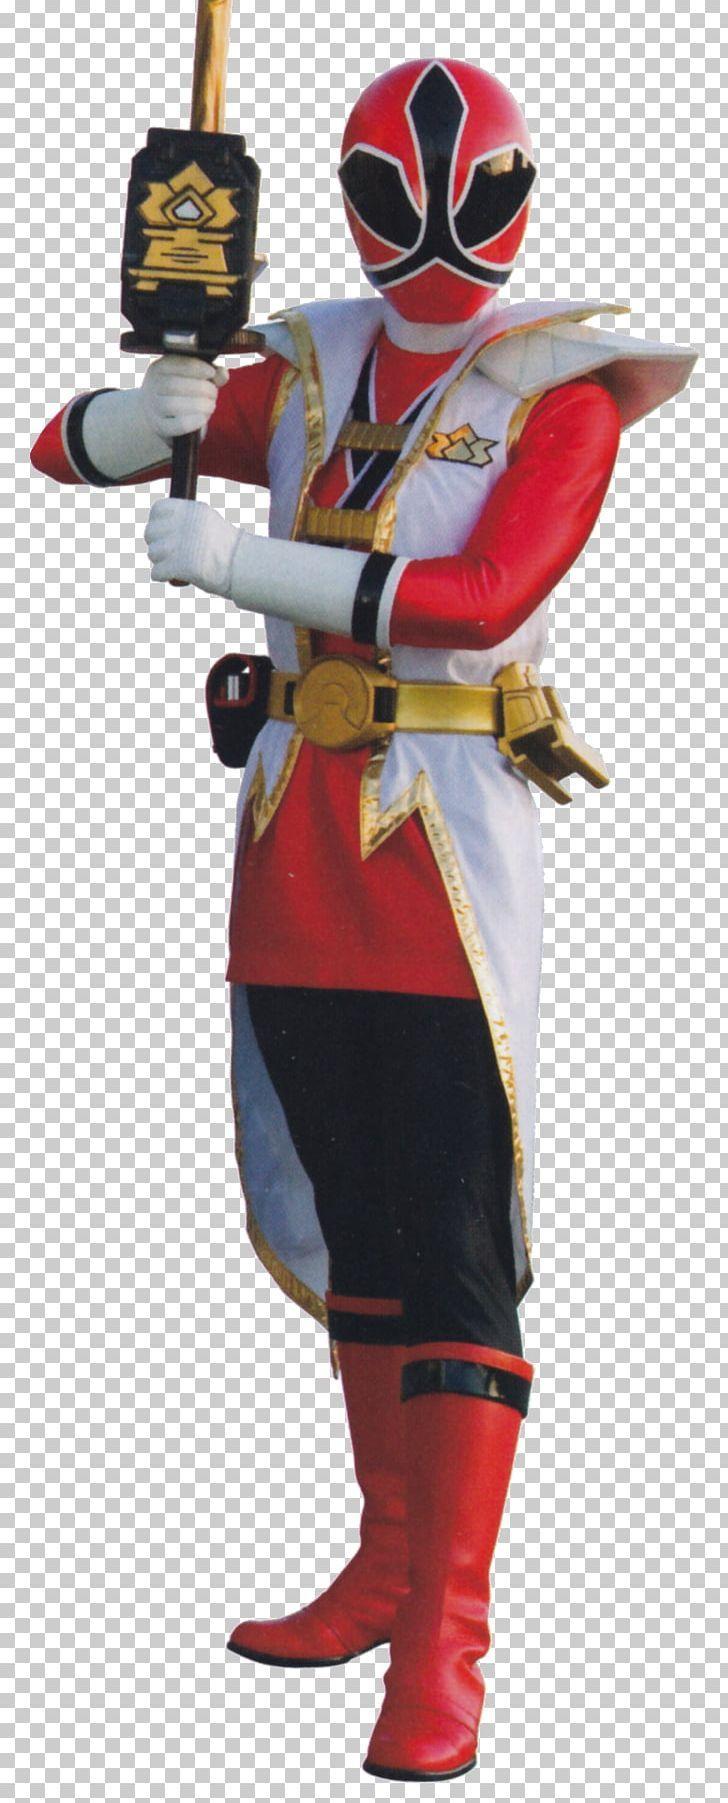 Red Ranger Power Rangers Png Power Rangers Super Samurai Power Rangers Power Rangers Samurai